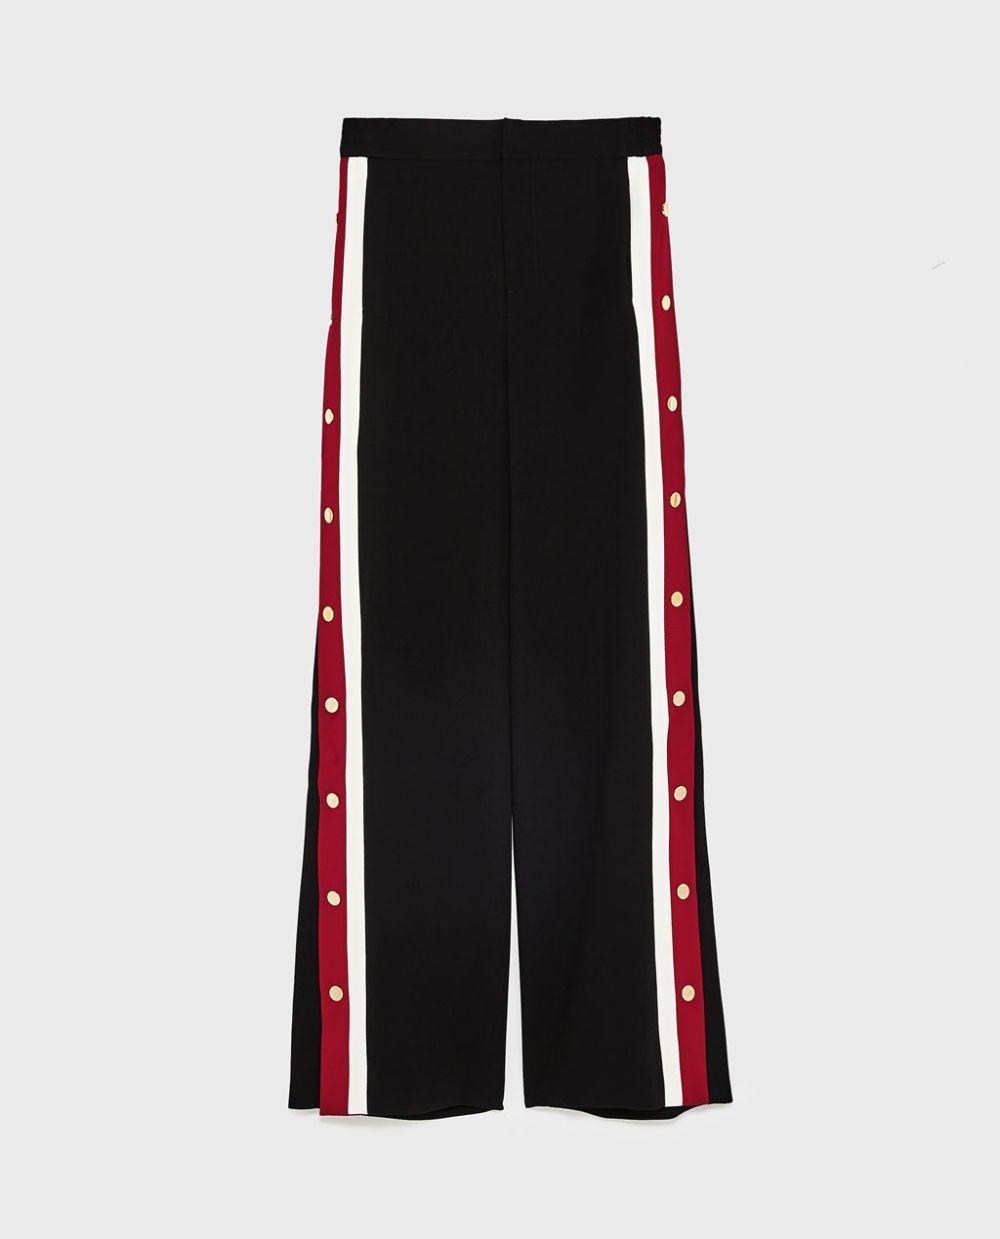 Pantalón sport de Zara (49,95 euros).